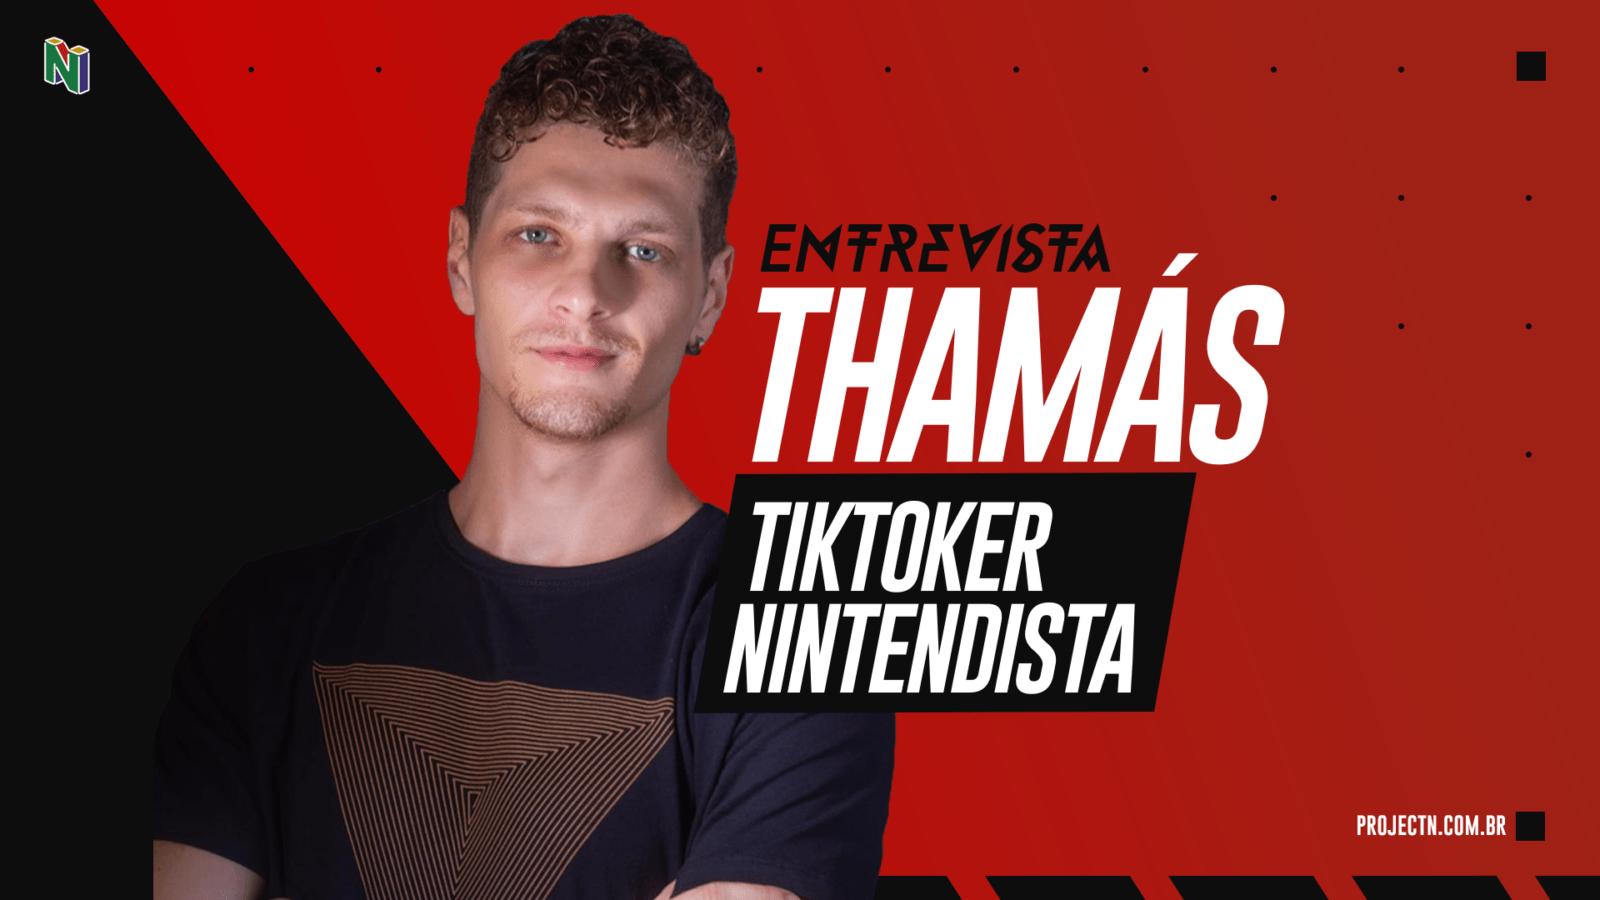 [Entrevista] Thamás Morelli, Tiktoker nintendista com mais de 100 mil seguidores, fala um pouco da sua trajetória na internet e sua franquia favorita